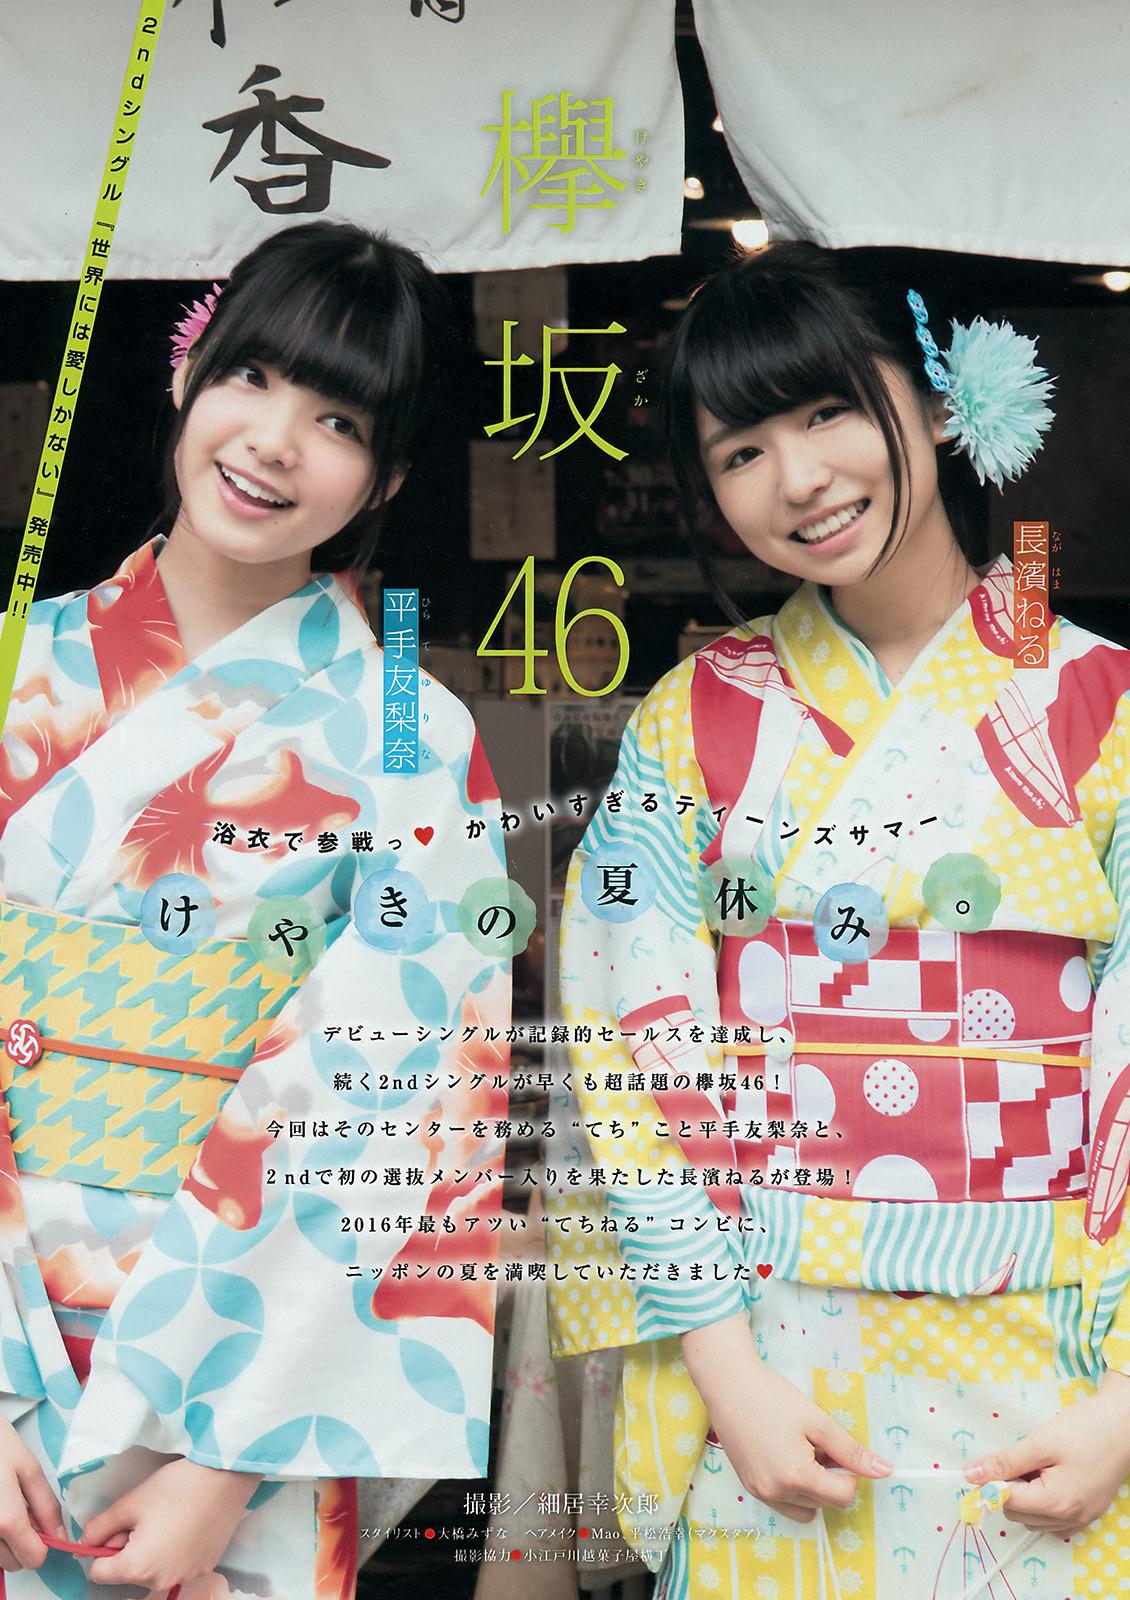 欅坂46 平手友梨奈 長濱ねる 週刊ヤングマガジン 16 No 38 写真撮影場所 Fumi Diary 2号店